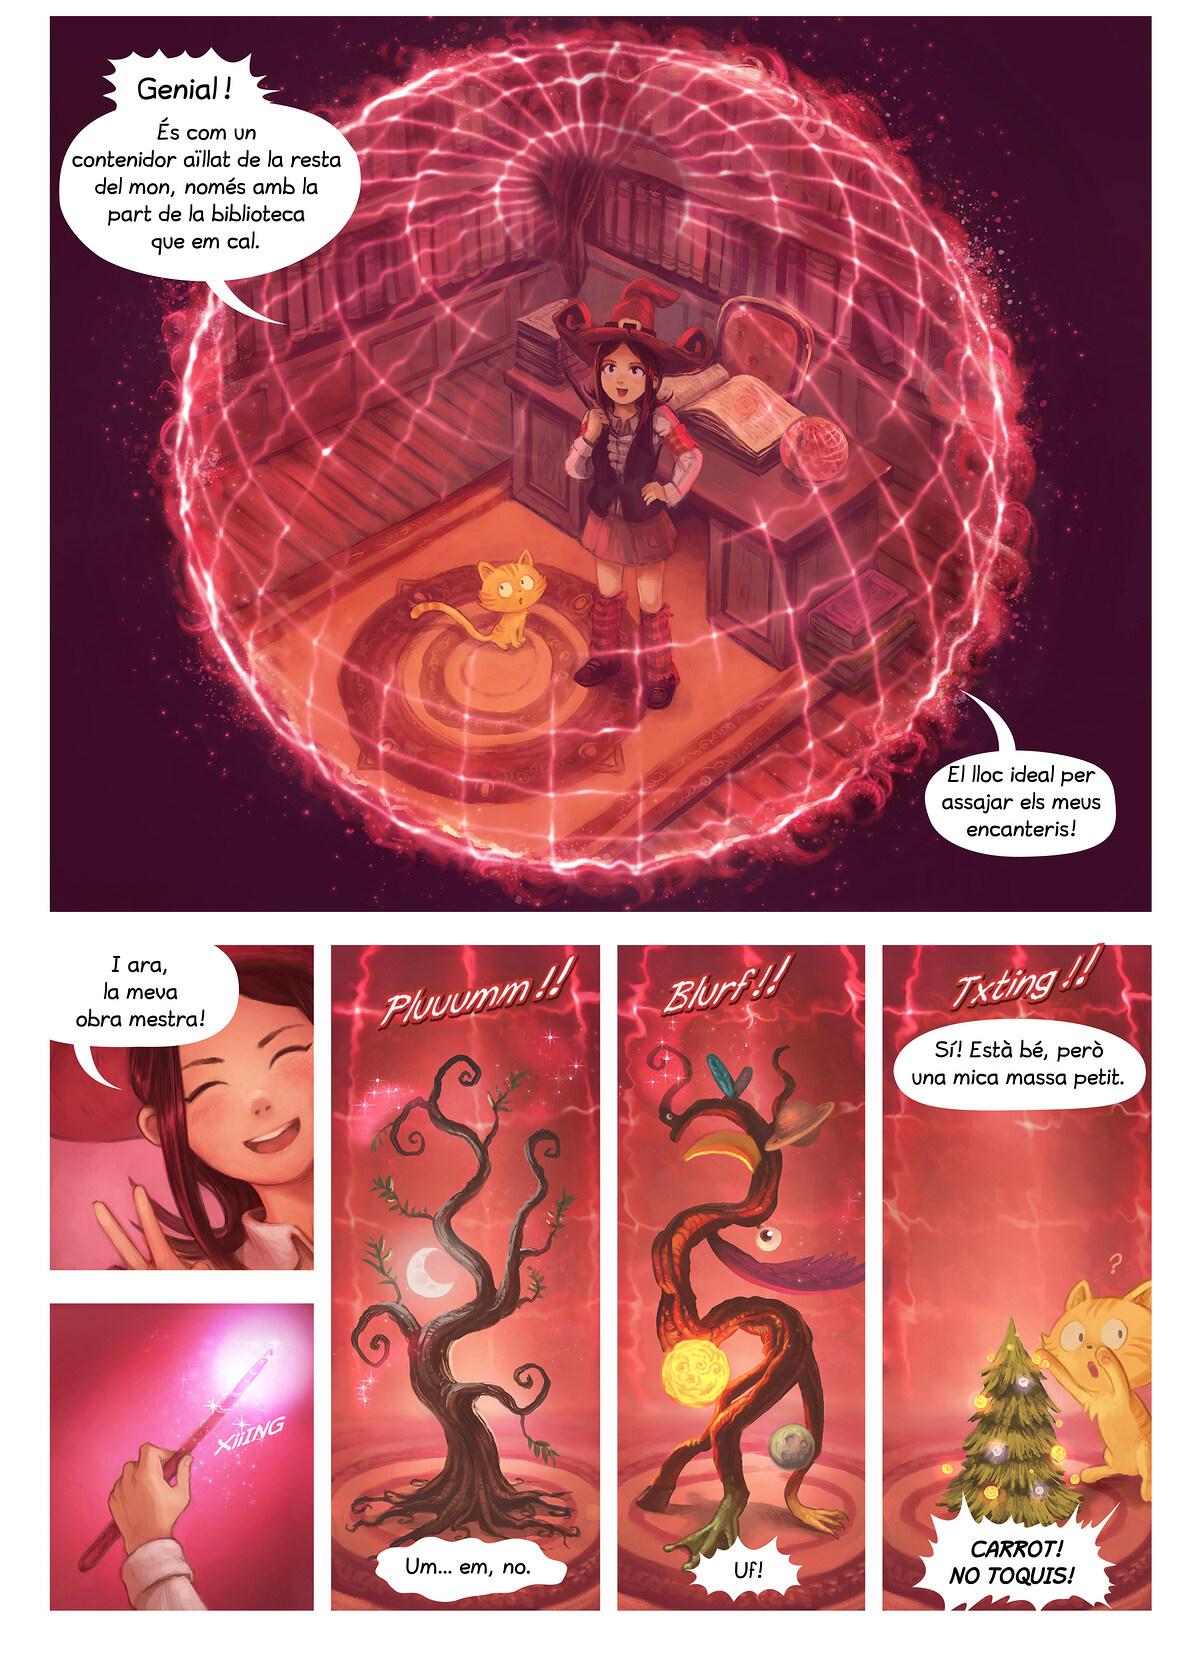 A webcomic page of Pepper&Carrot, episodi 24 [ca], pàgina 4